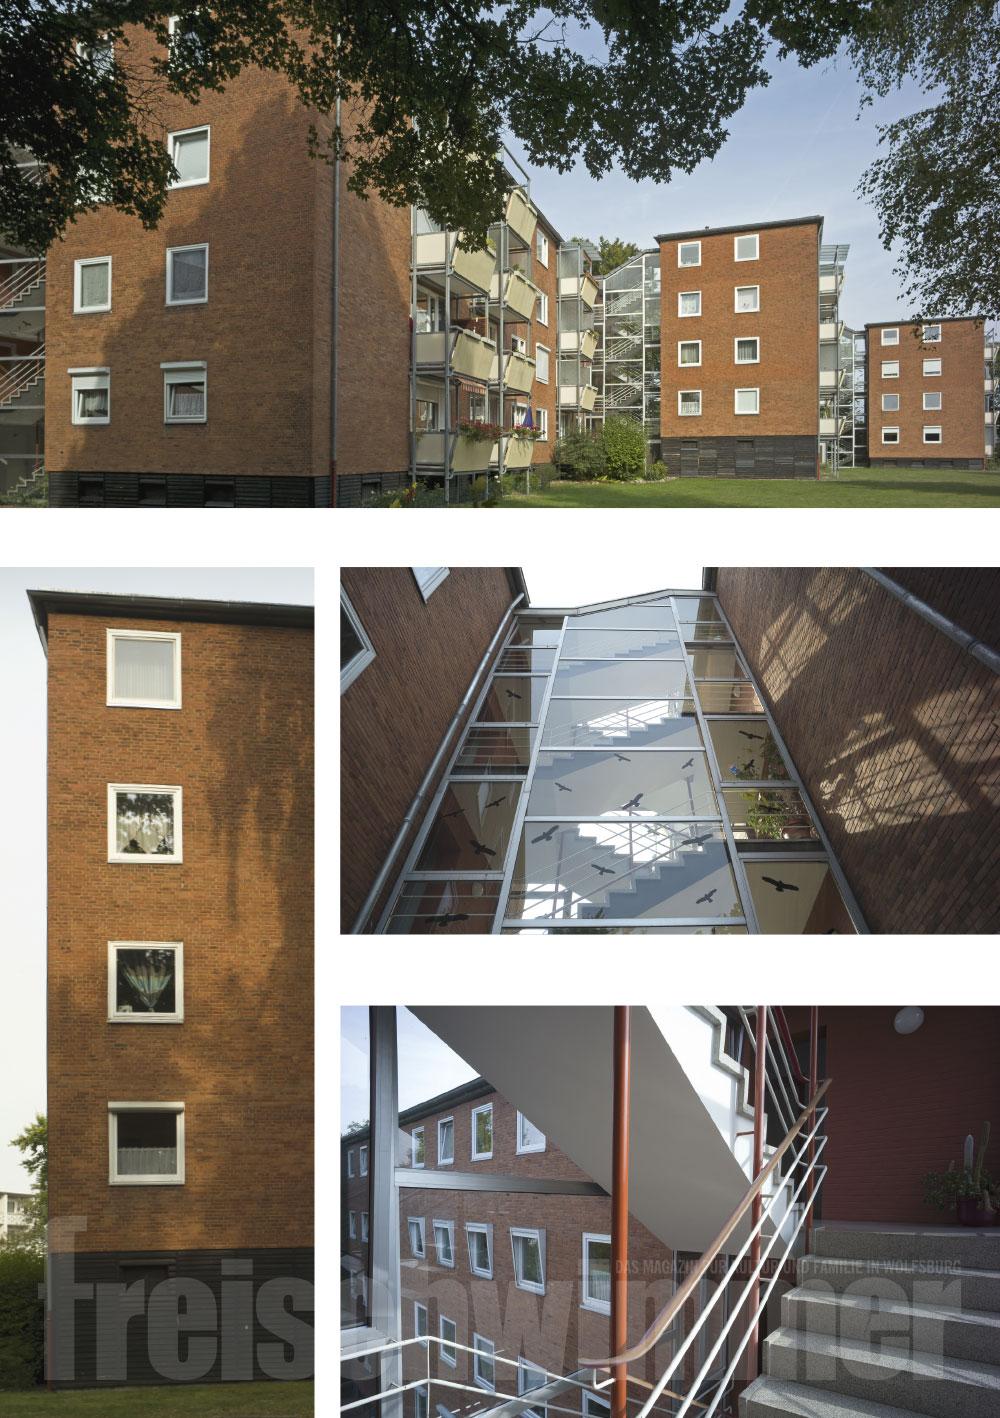 Architekt Wolfsburg 1959 wohnhäuser am eckernweg freischwimmer hallenbad